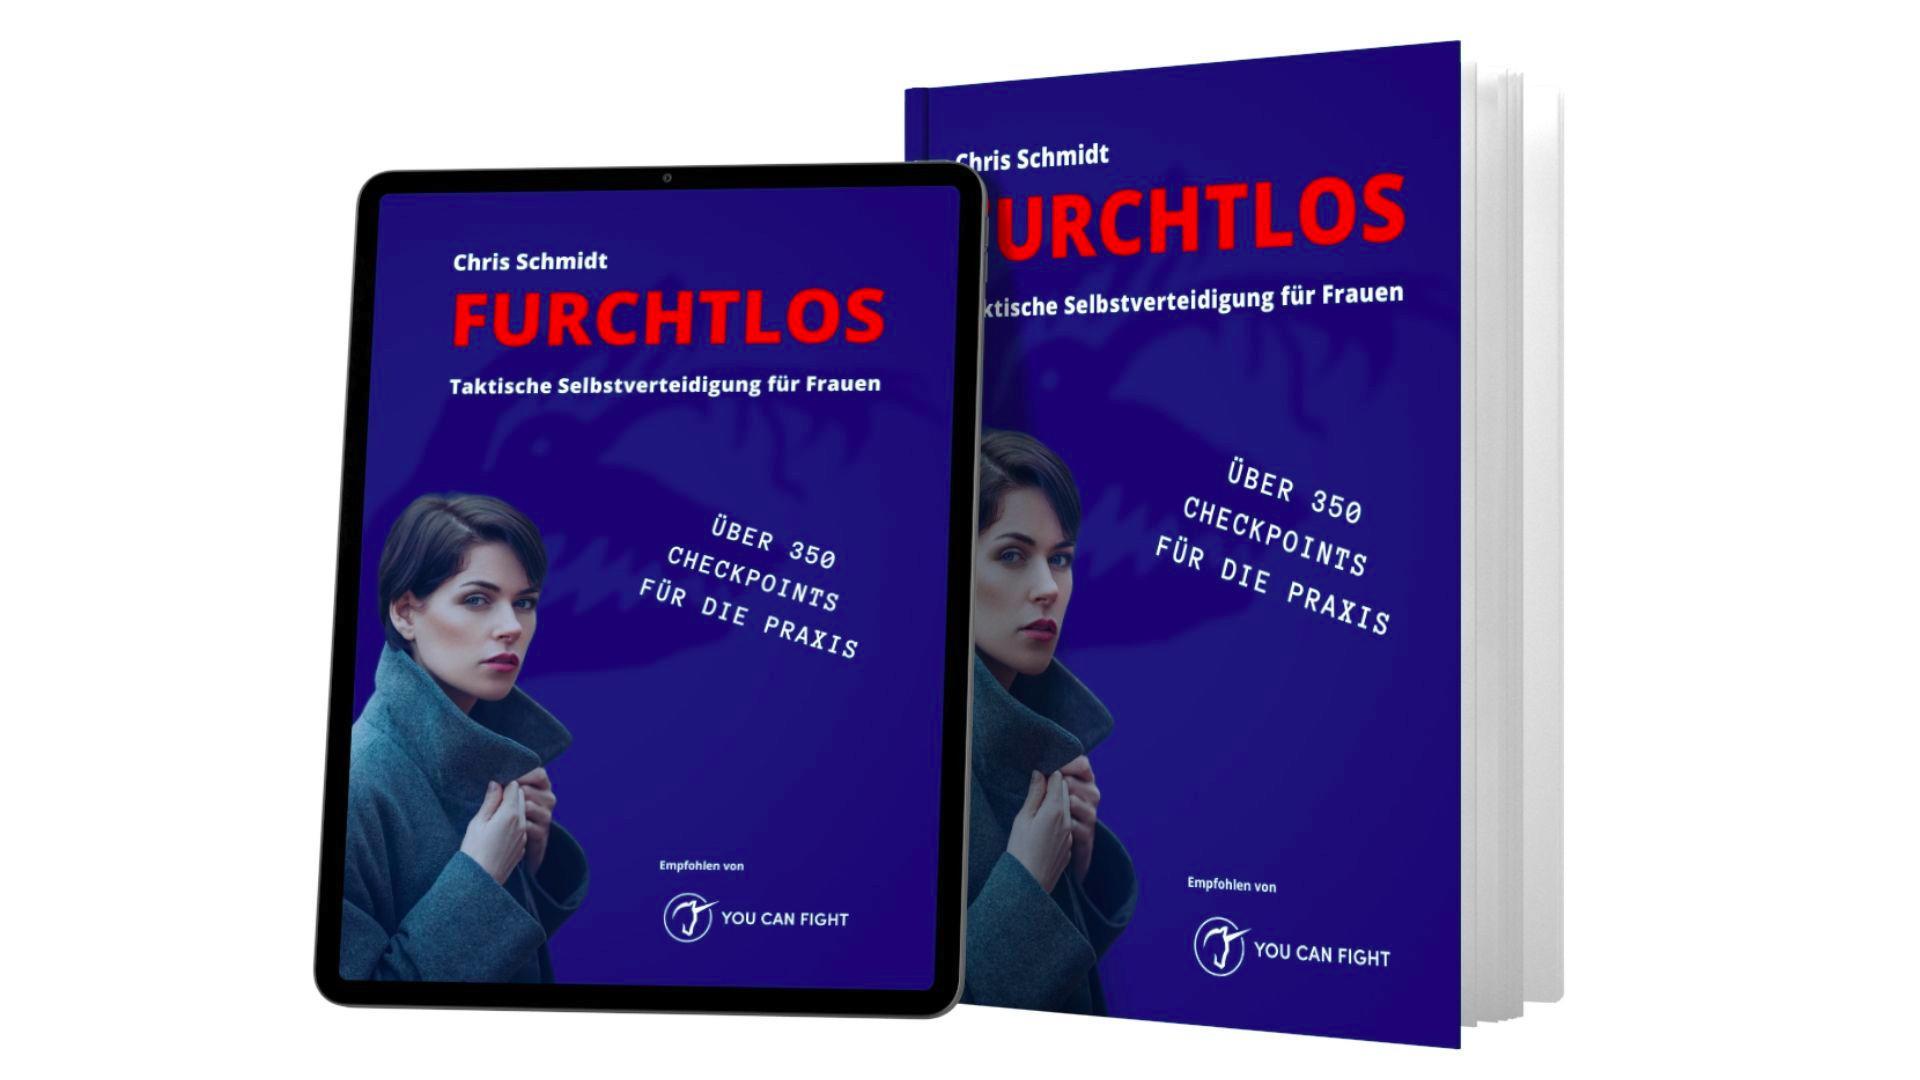 FURCHTLOS - Taktische Selbstverteidigung für Frauen